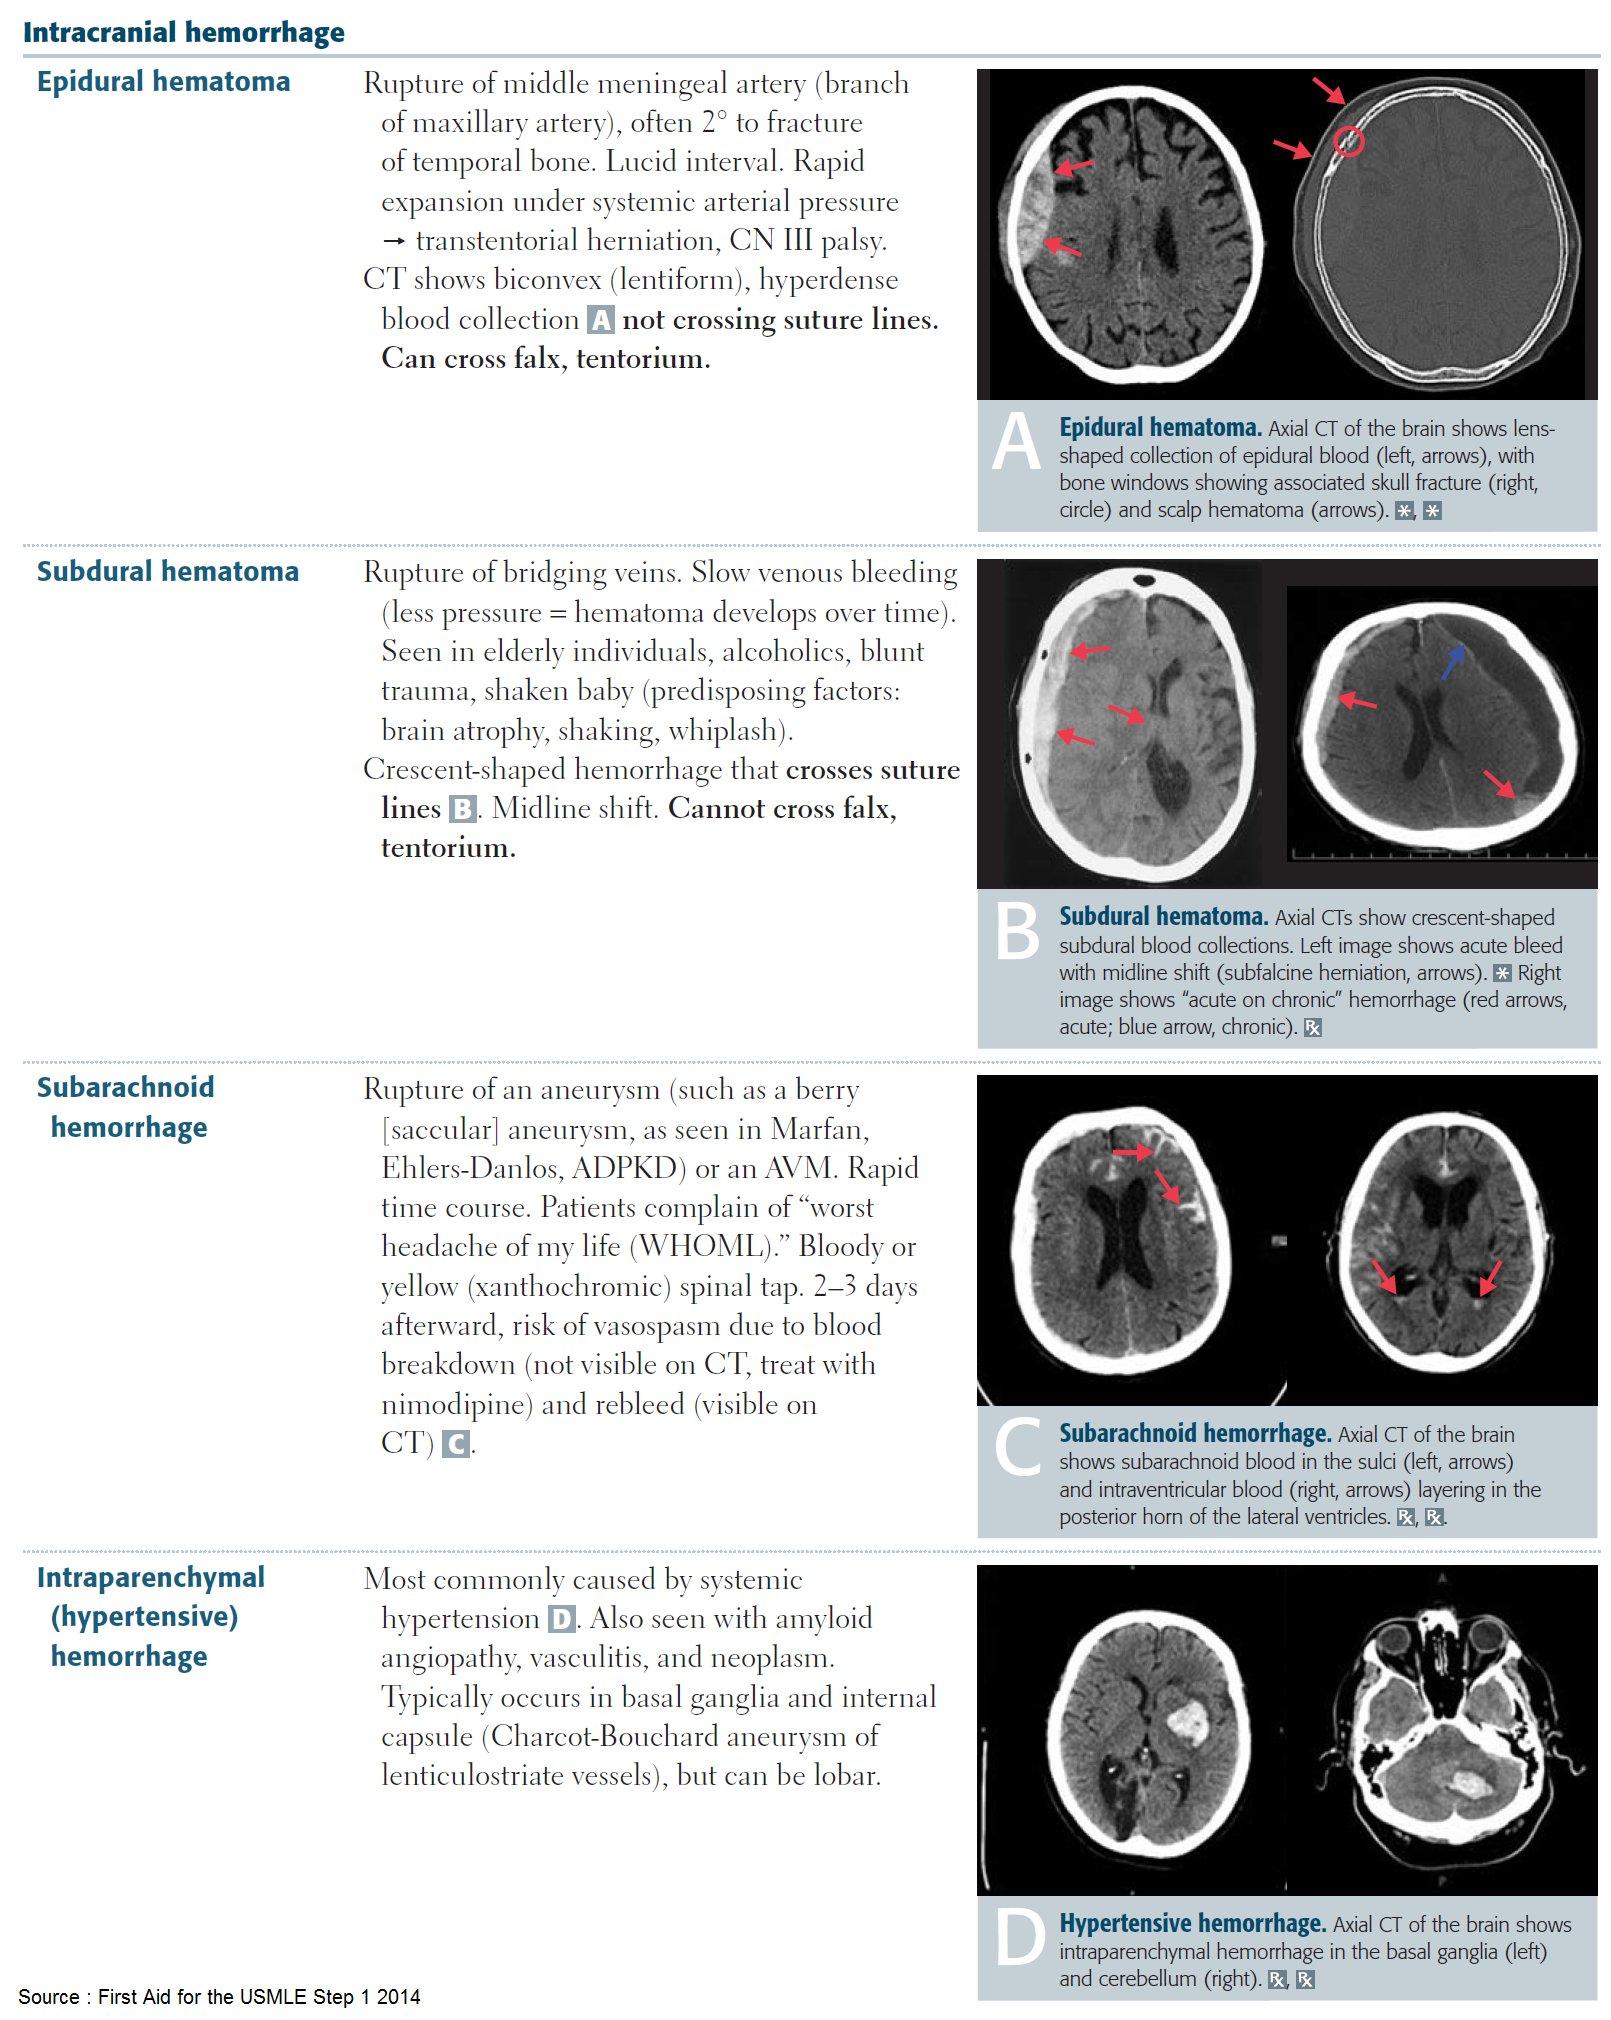 Intracranial Hemorrhages . #meded #foamed #foamrad #neurology https://t.co/U4kzZ2baZE